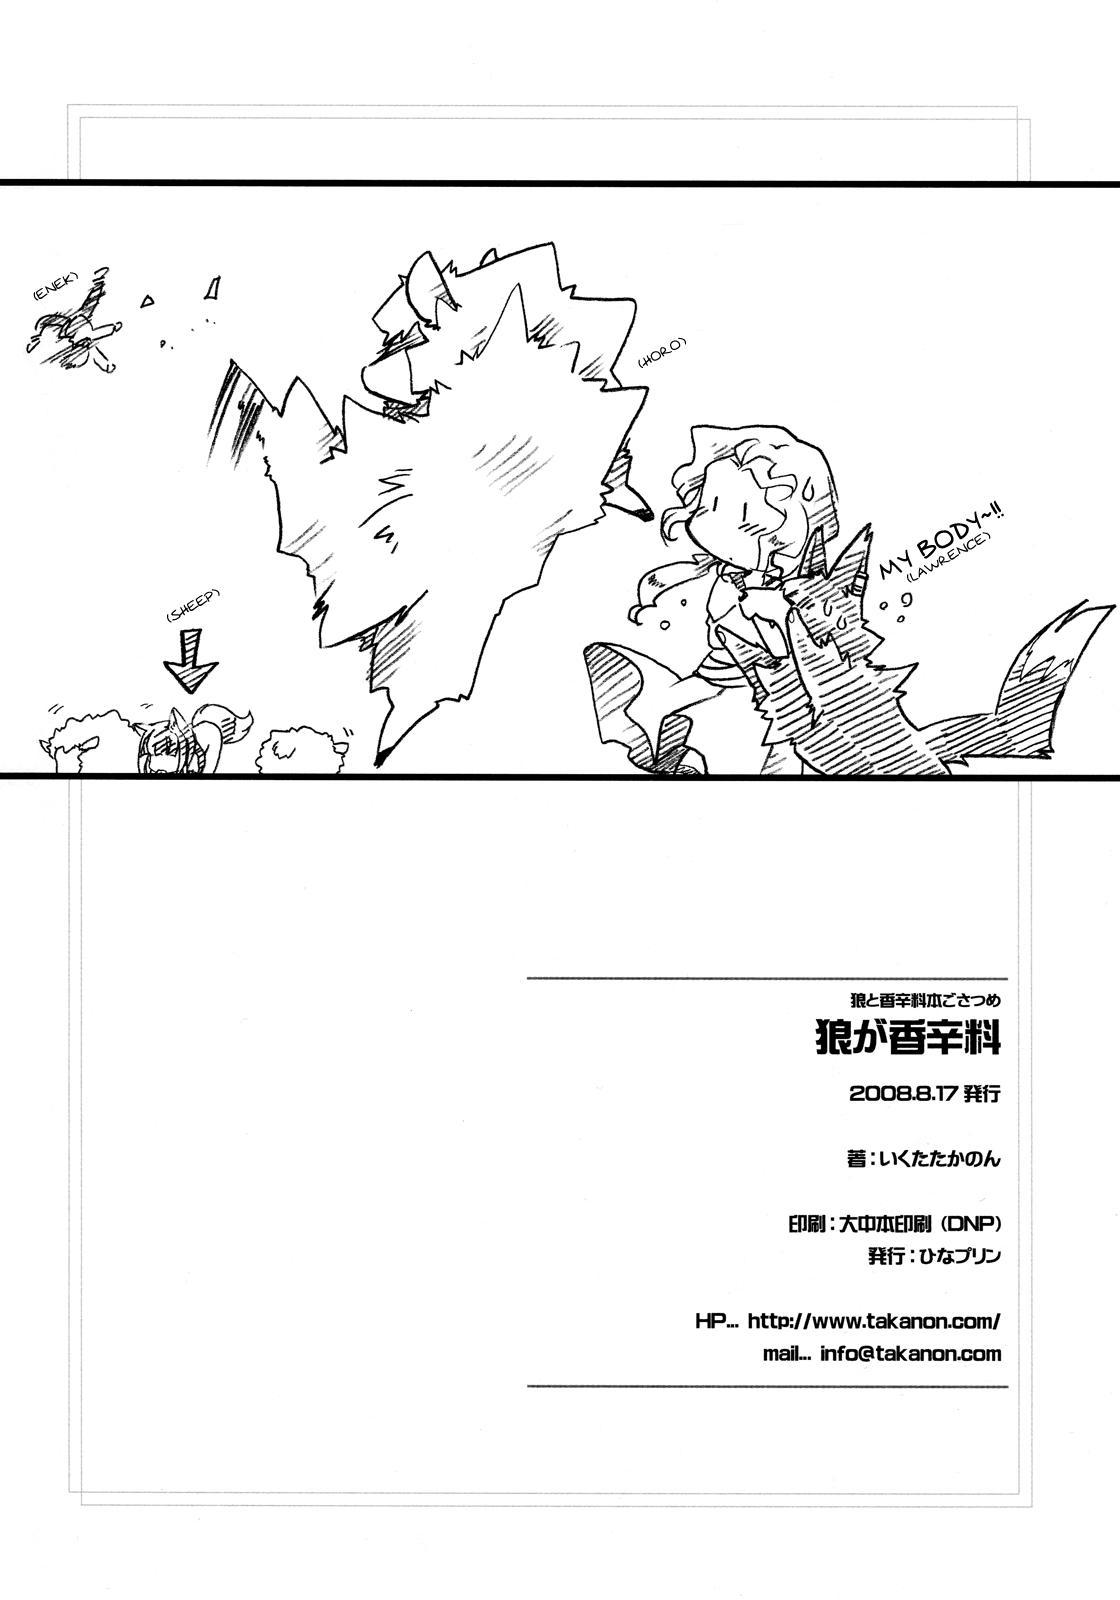 (C74) [Hina Purin (Ikuta Takanon)] Ookami ga Koushinryou | Wolf is Spicy (Spice & Wolf) ==Strange Companions== 16